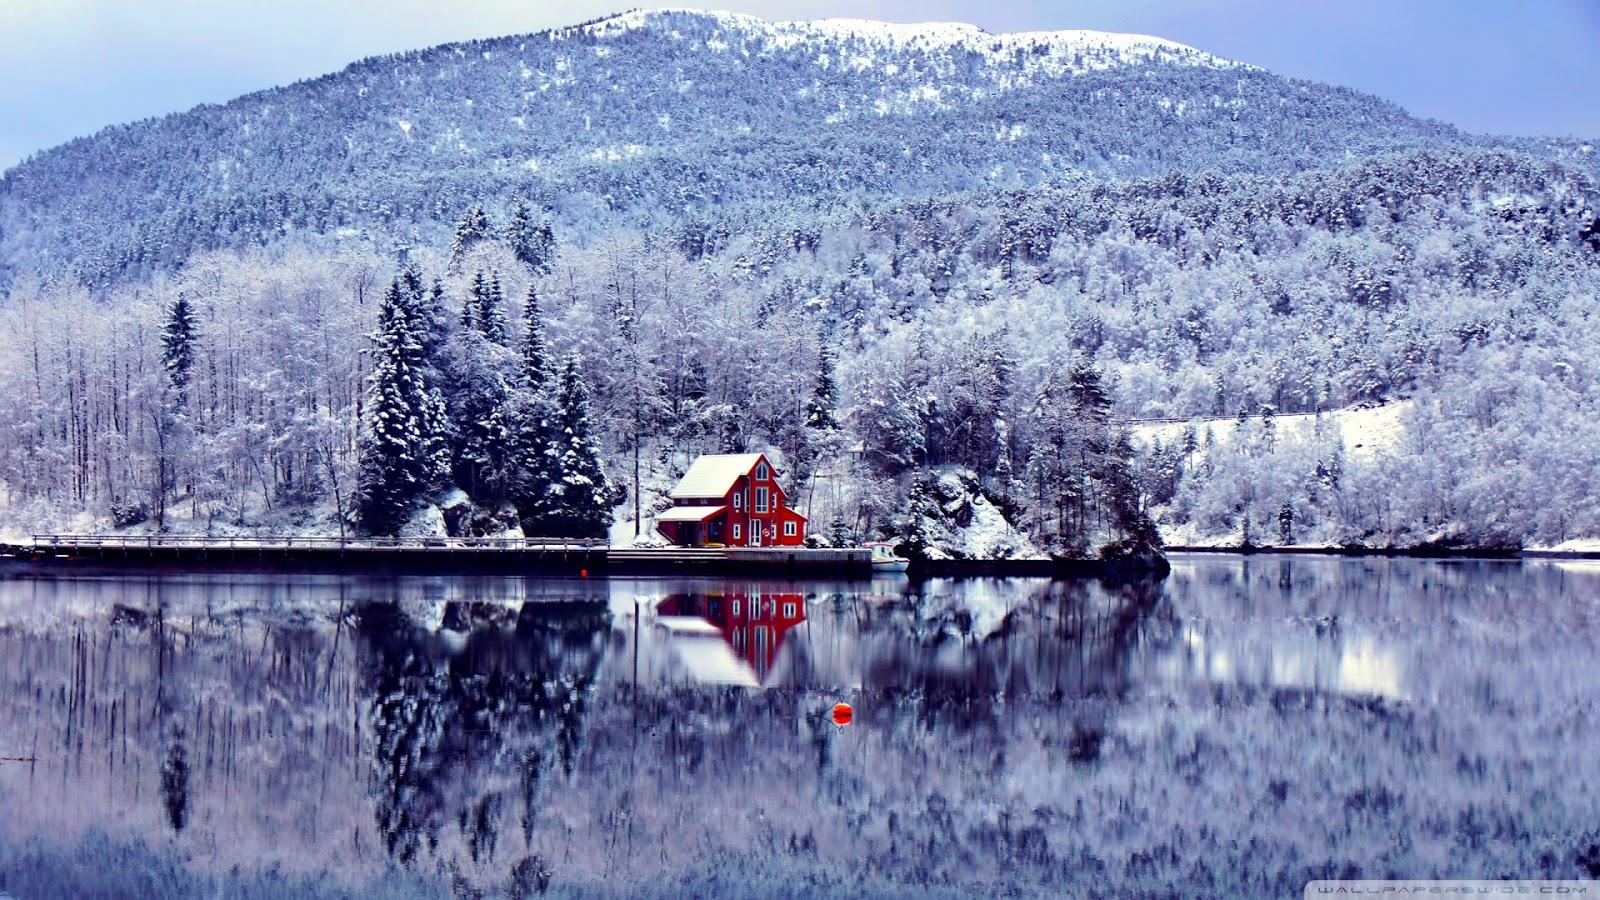 Fond ecran paysage hiver maison fonds d 39 cran hd for Cabine in montagne verdi del vermont